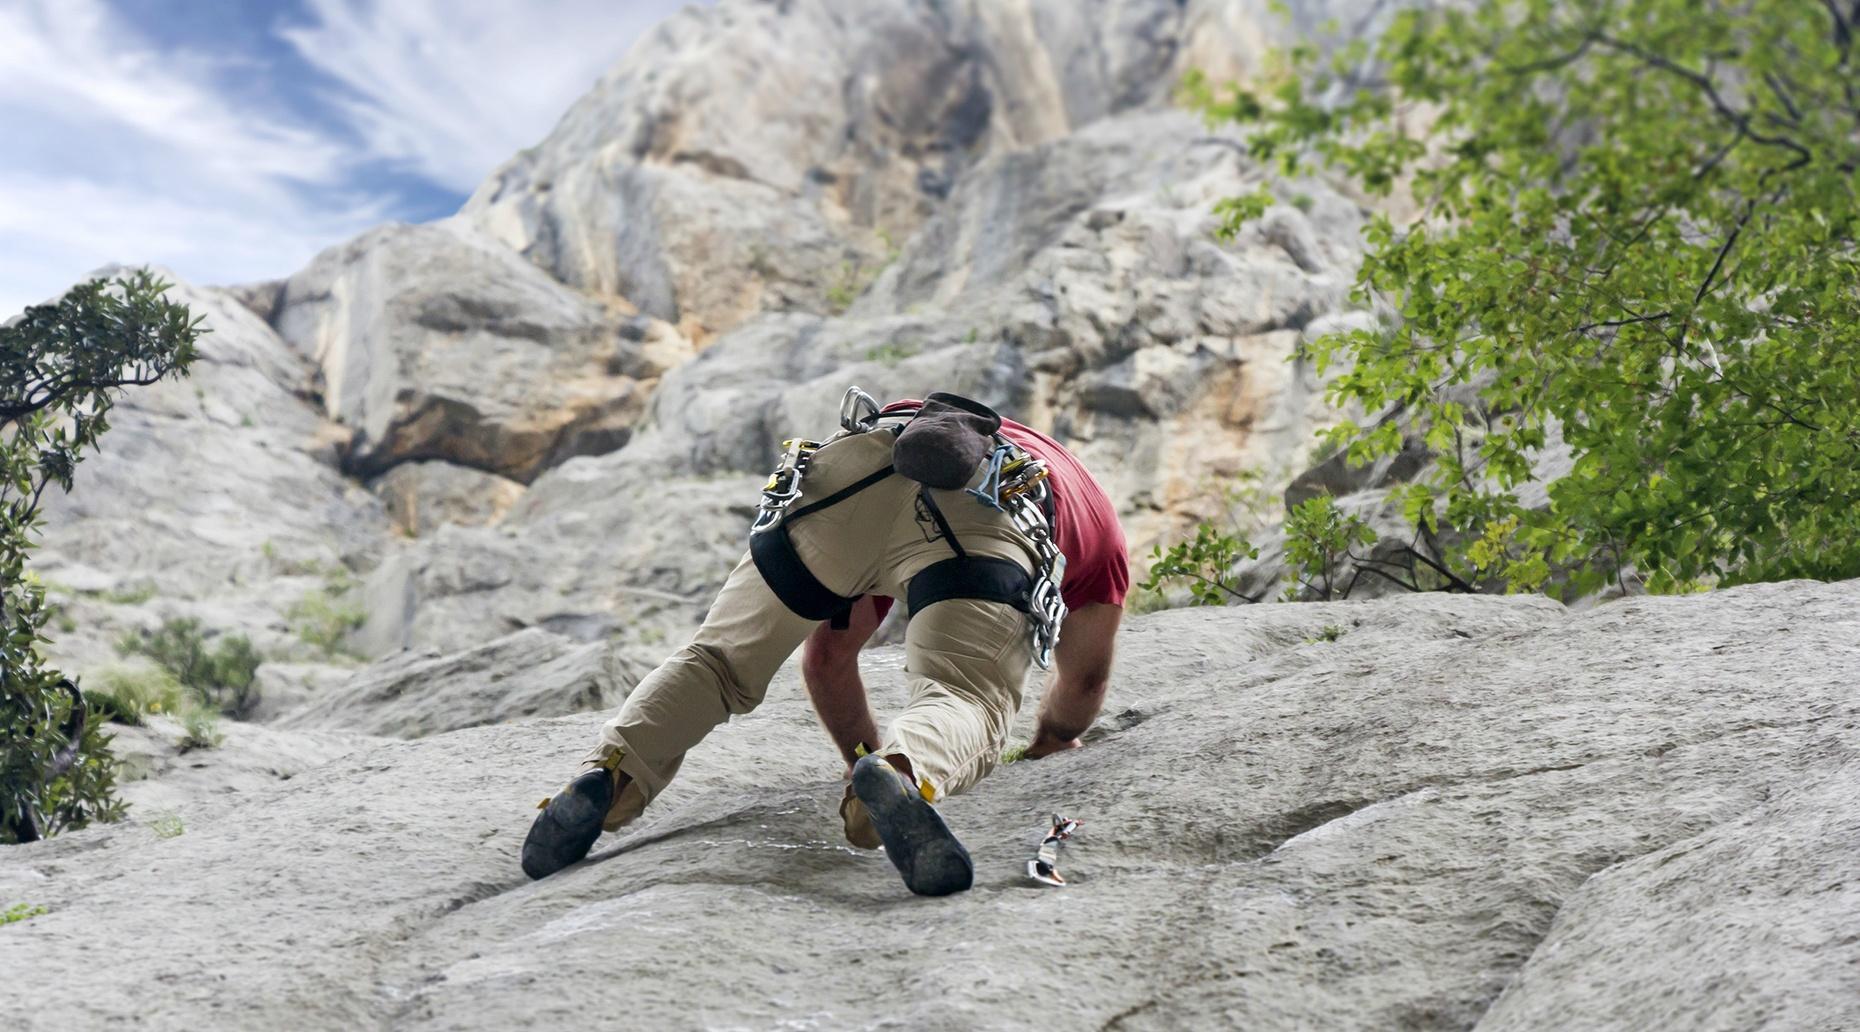 Taste of Climbing Lesson in Estes Park